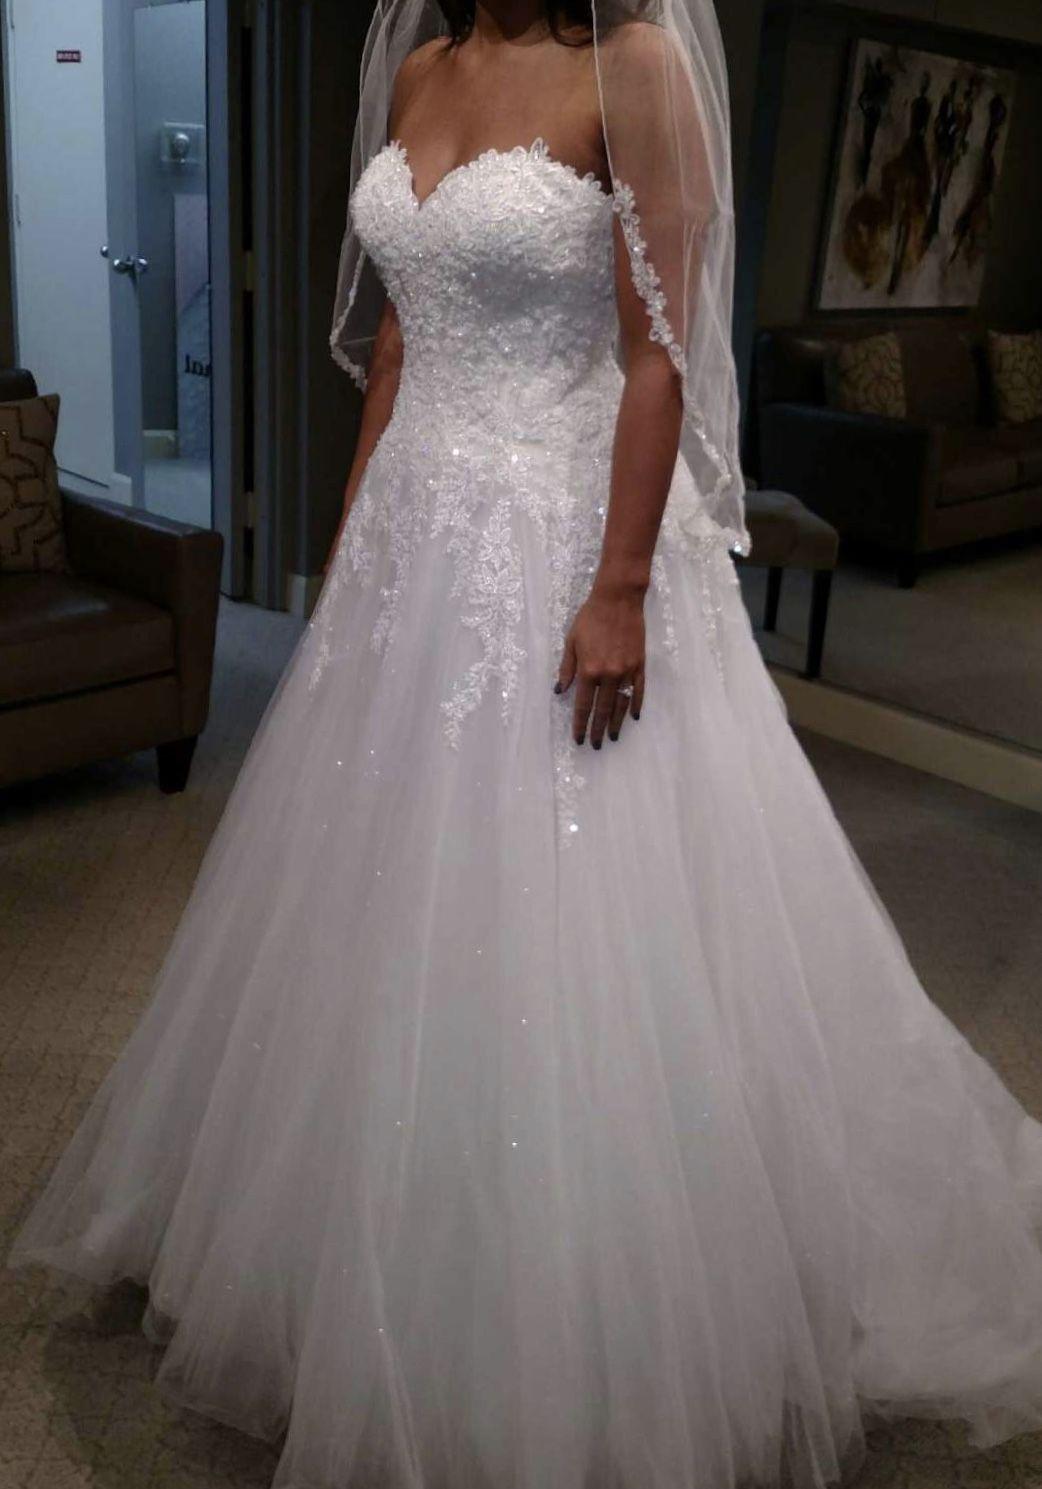 Randy Fenoli Bridal Gown ️ Lace weddings, Wedding